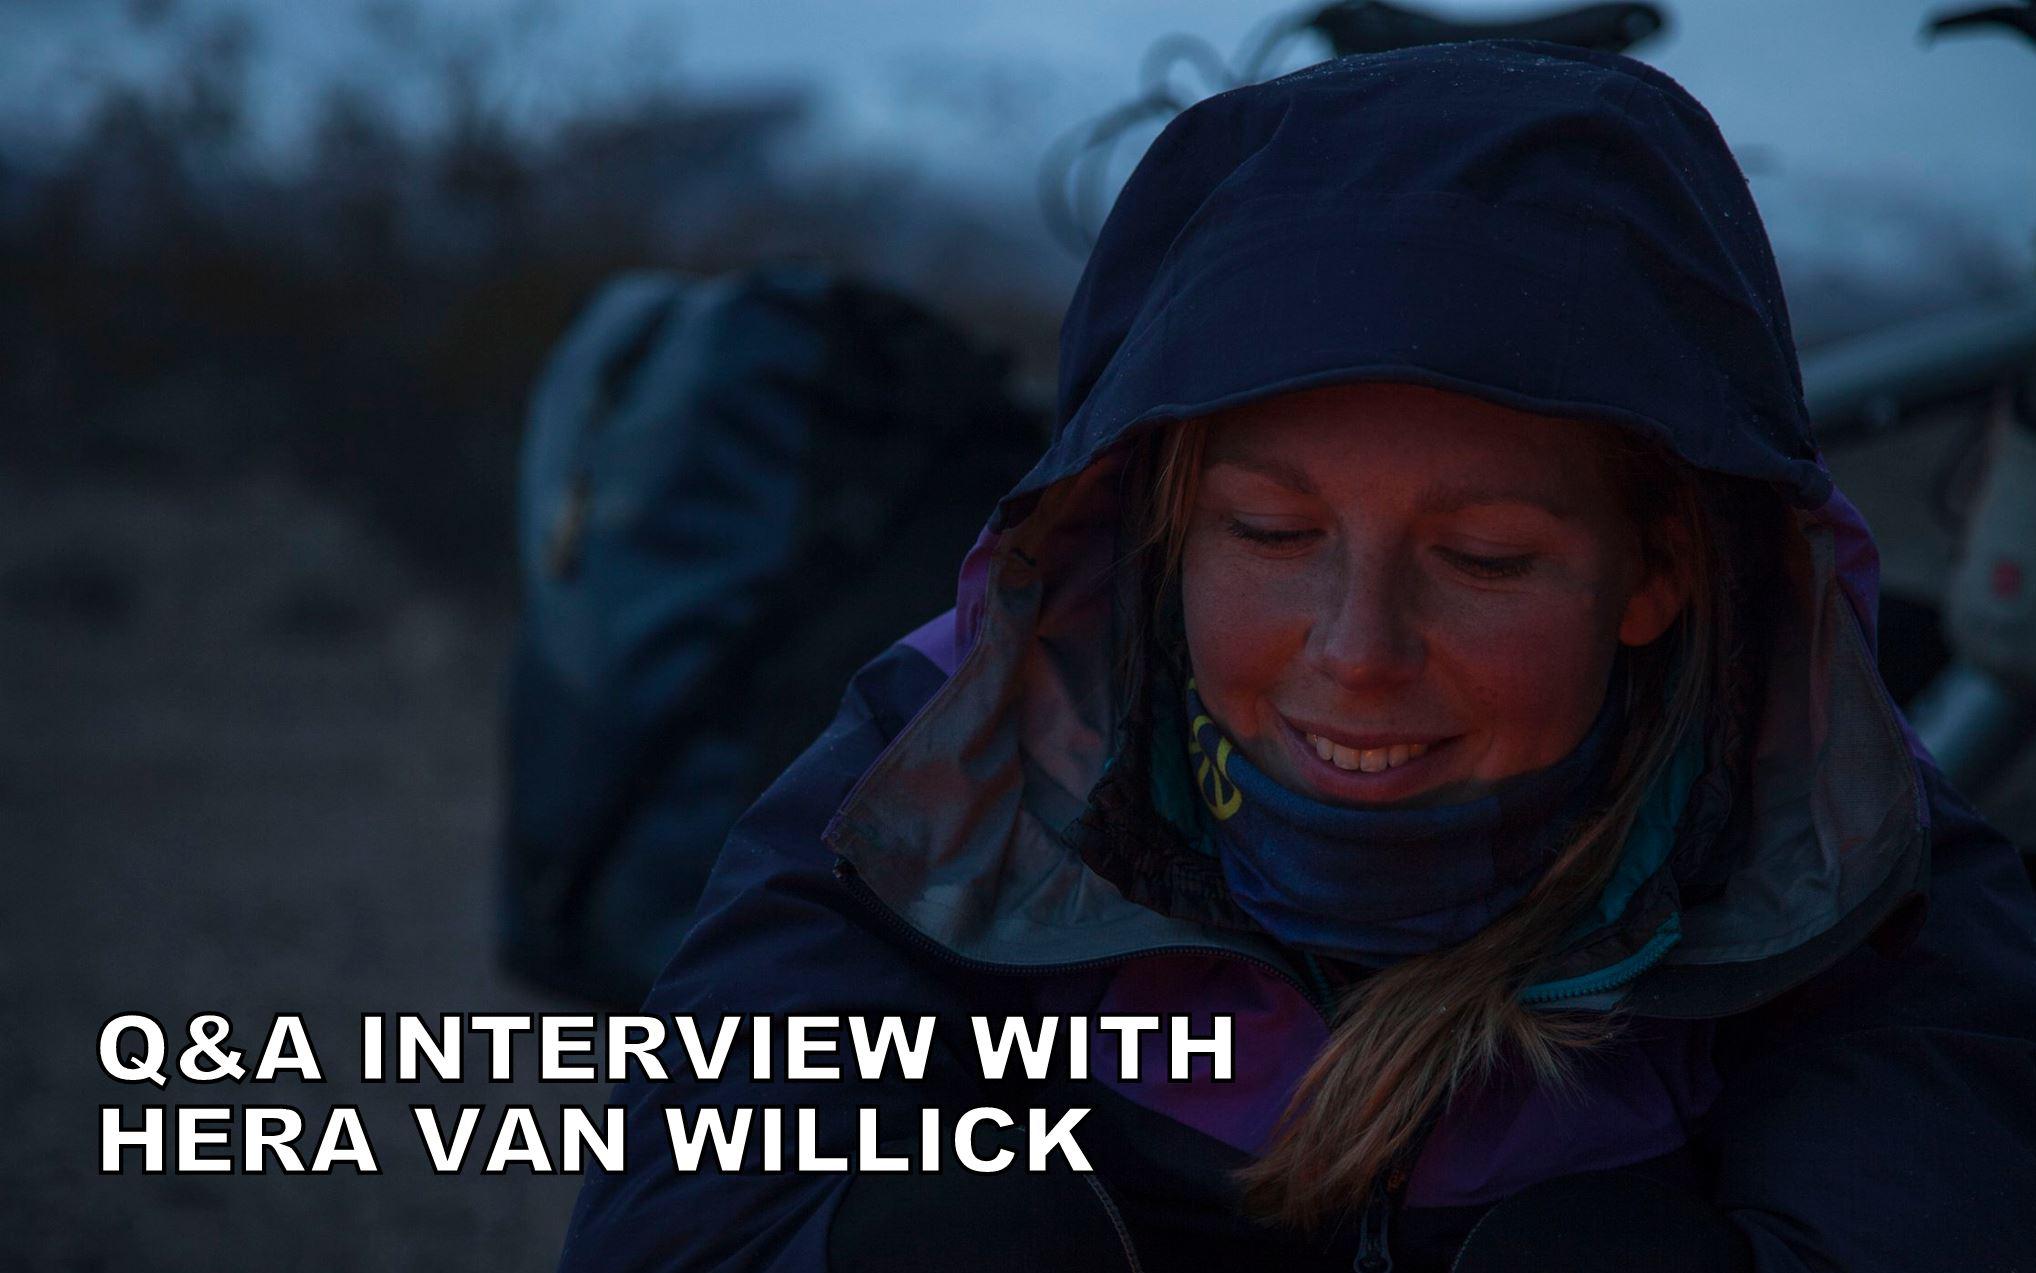 Q&A interview with Hera Van Willick